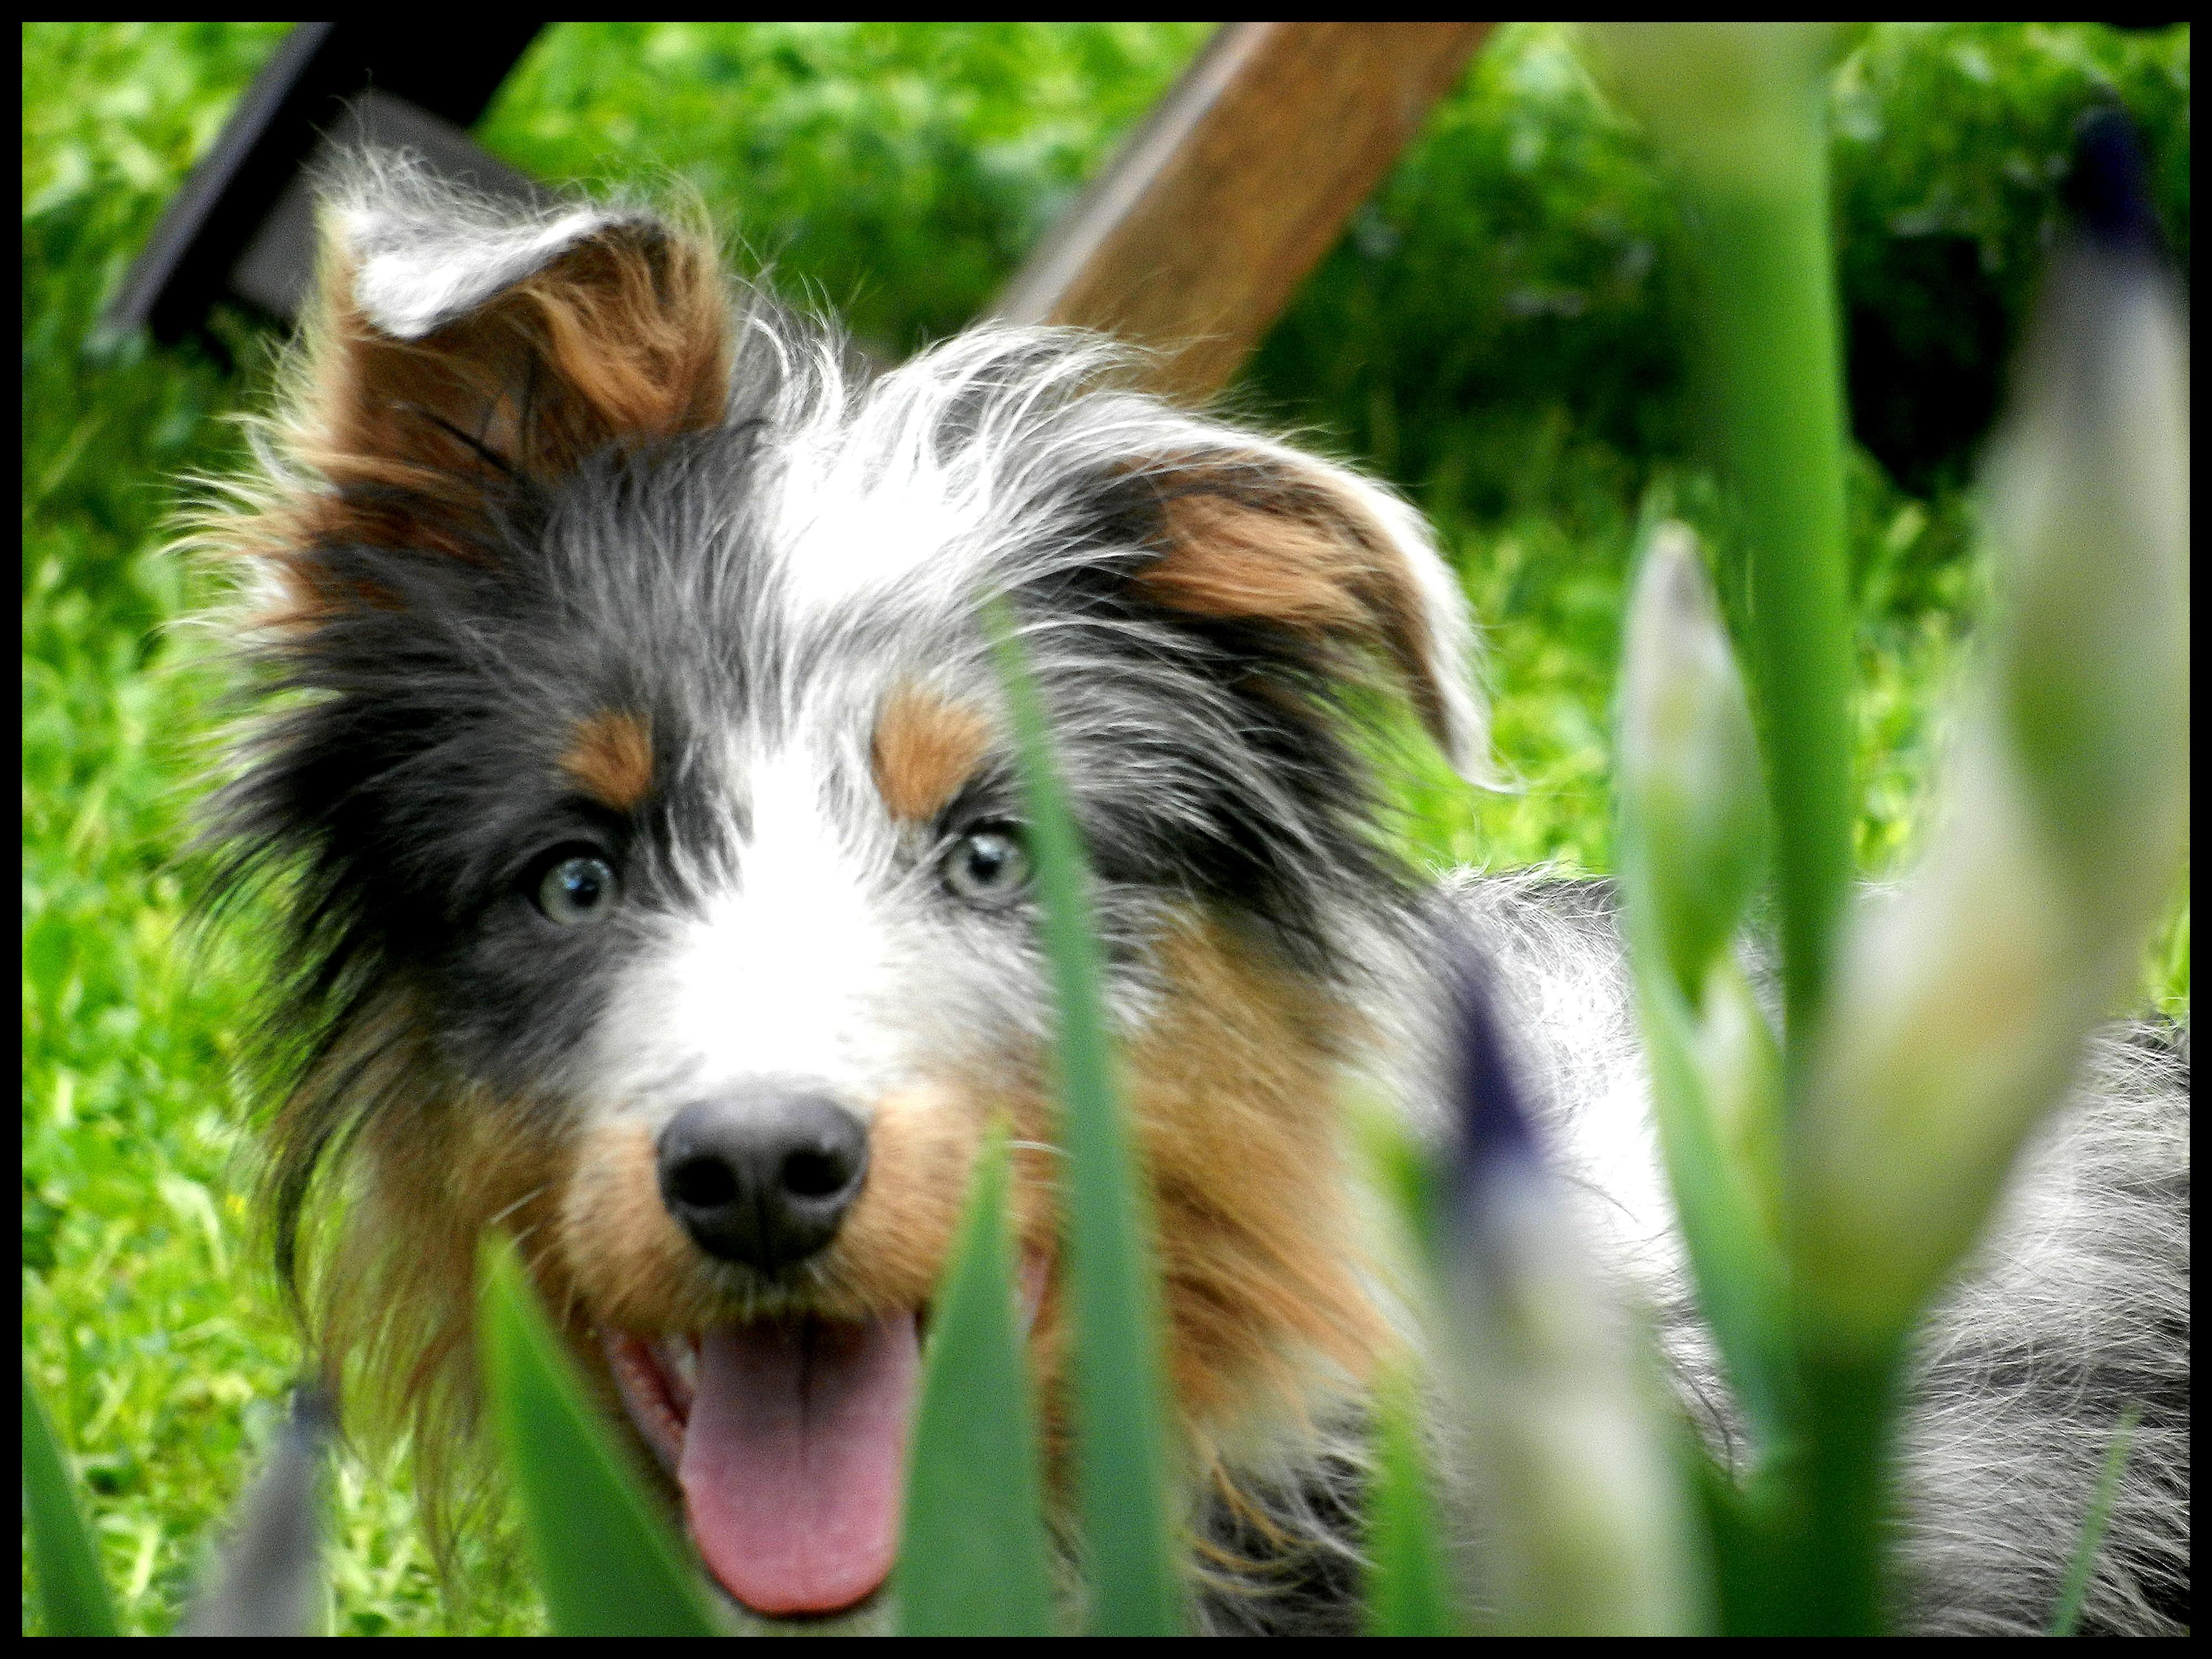 Qu'elle est le nom de vos/votre chien? Et Pourquoi? - Page 4 595584133